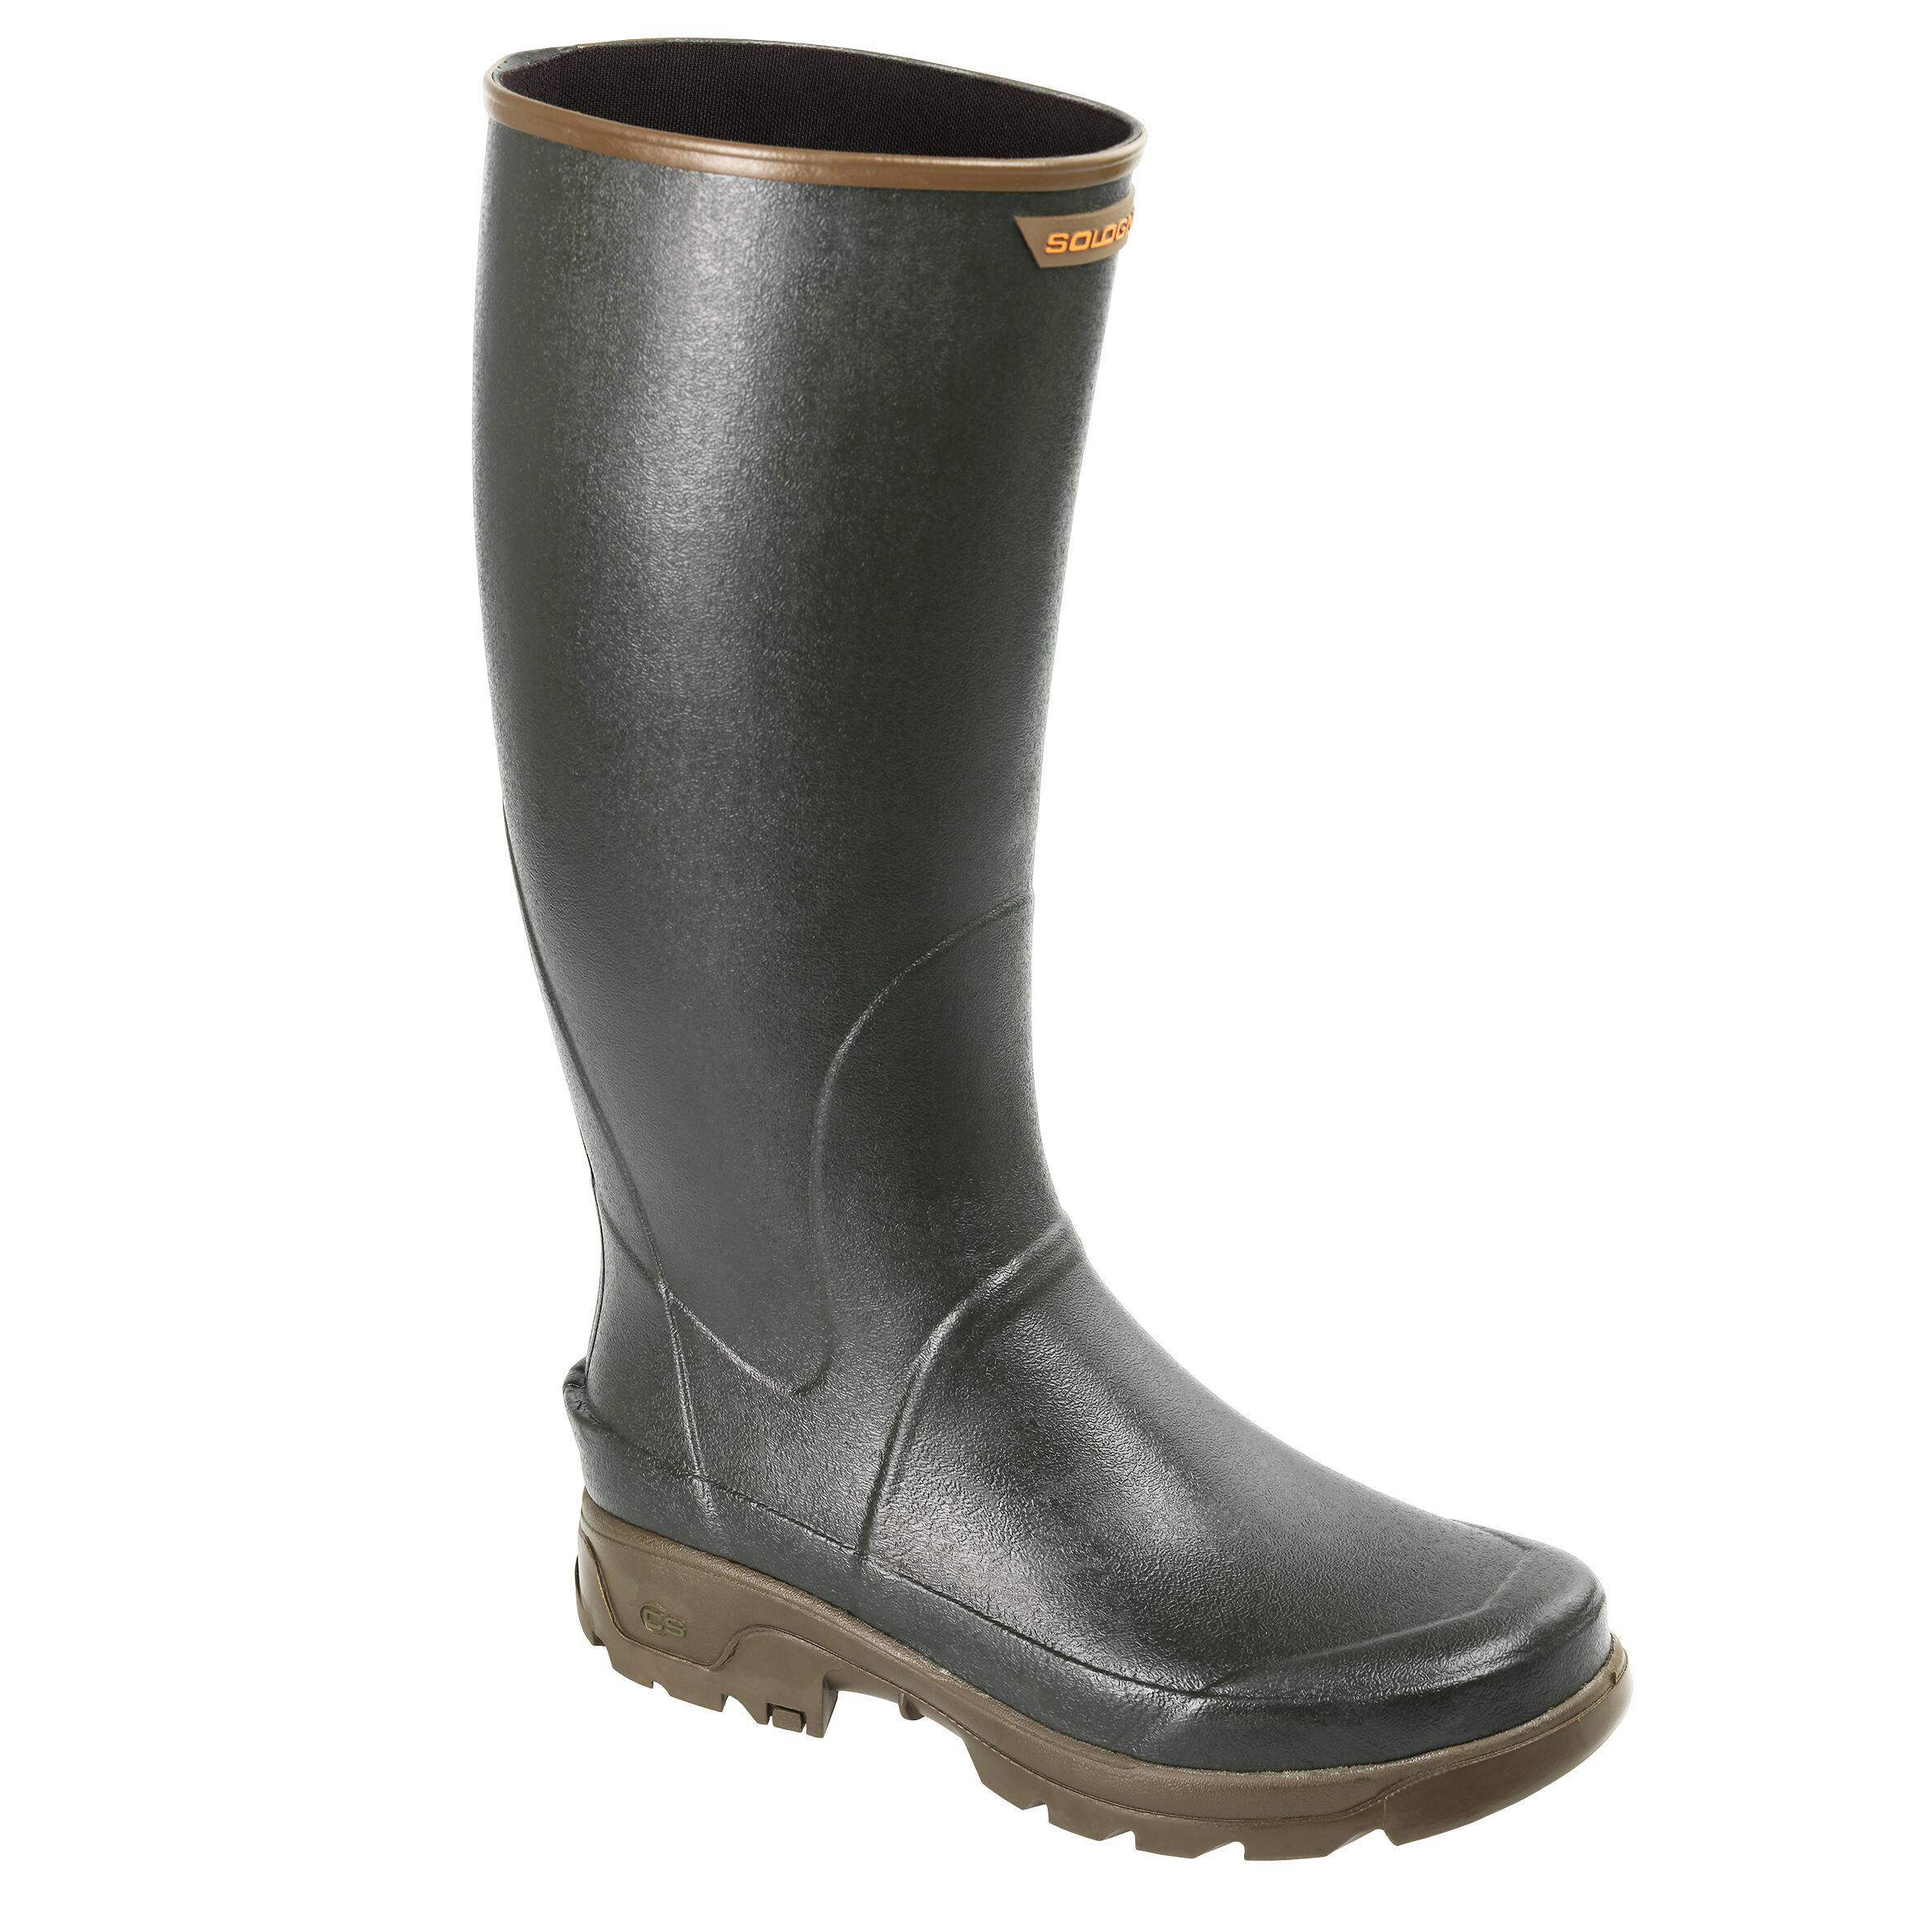 JAGDSTIEFEL RENFORT 500 GRÜN | Schuhe > Boots > Stiefel | Solognac